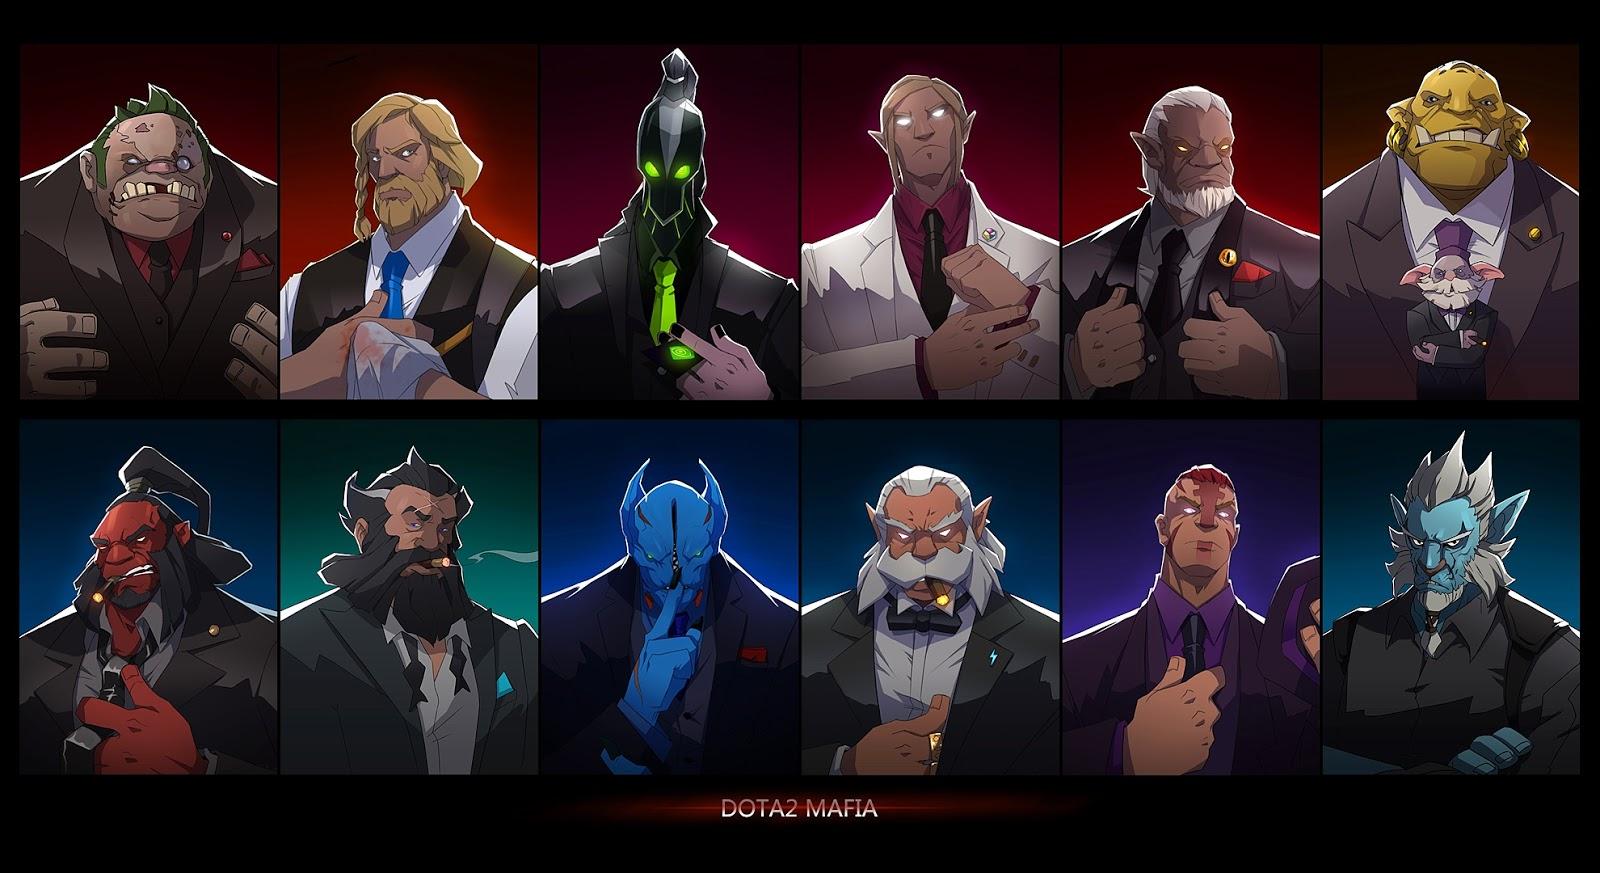 dota 2 game free download full version free pc games download